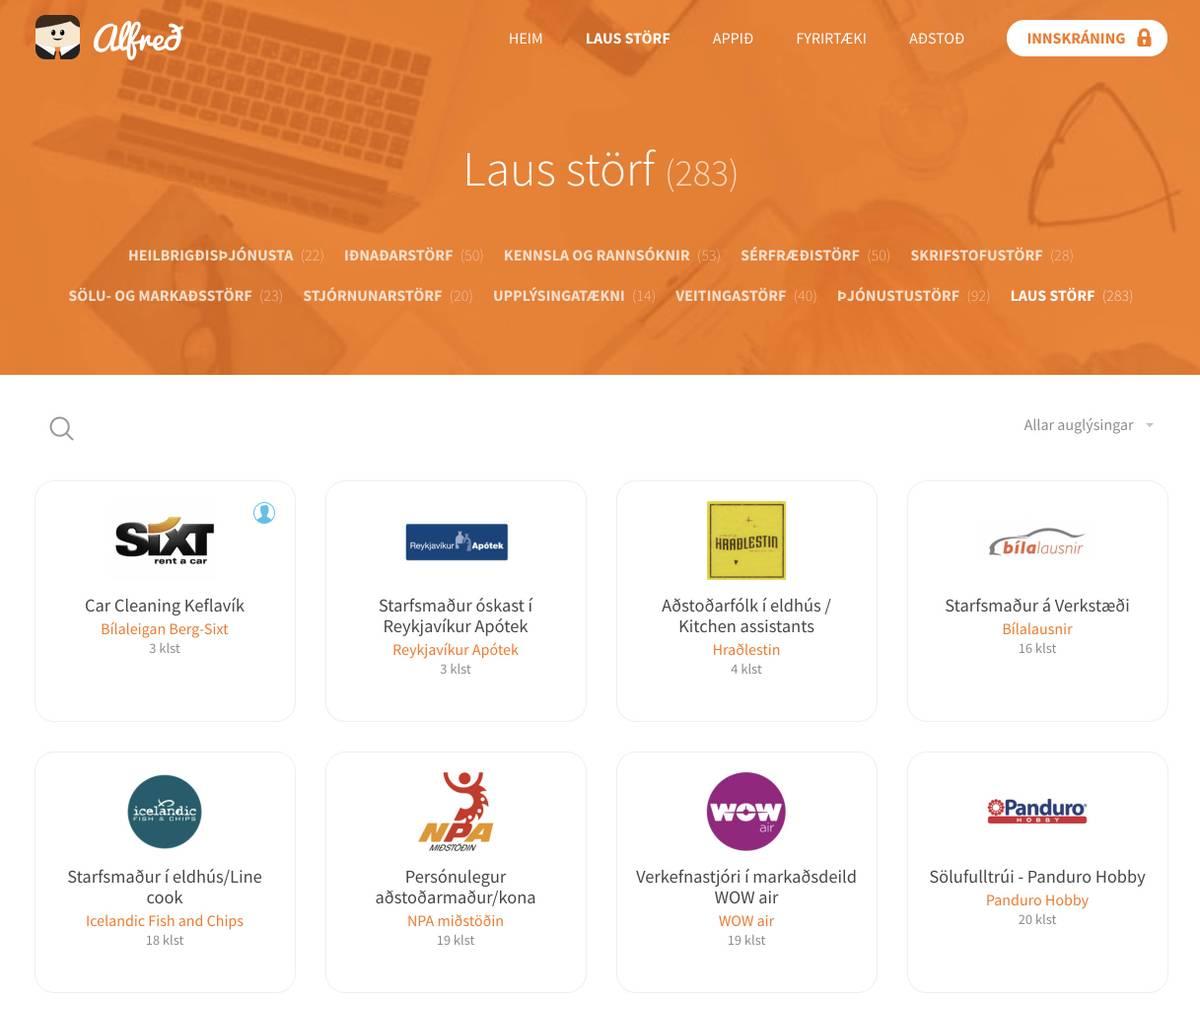 Главный в Исландии сайт для поиска работы «Альфред-ис». Английской версии нет. Всего выложено 283 вакансии